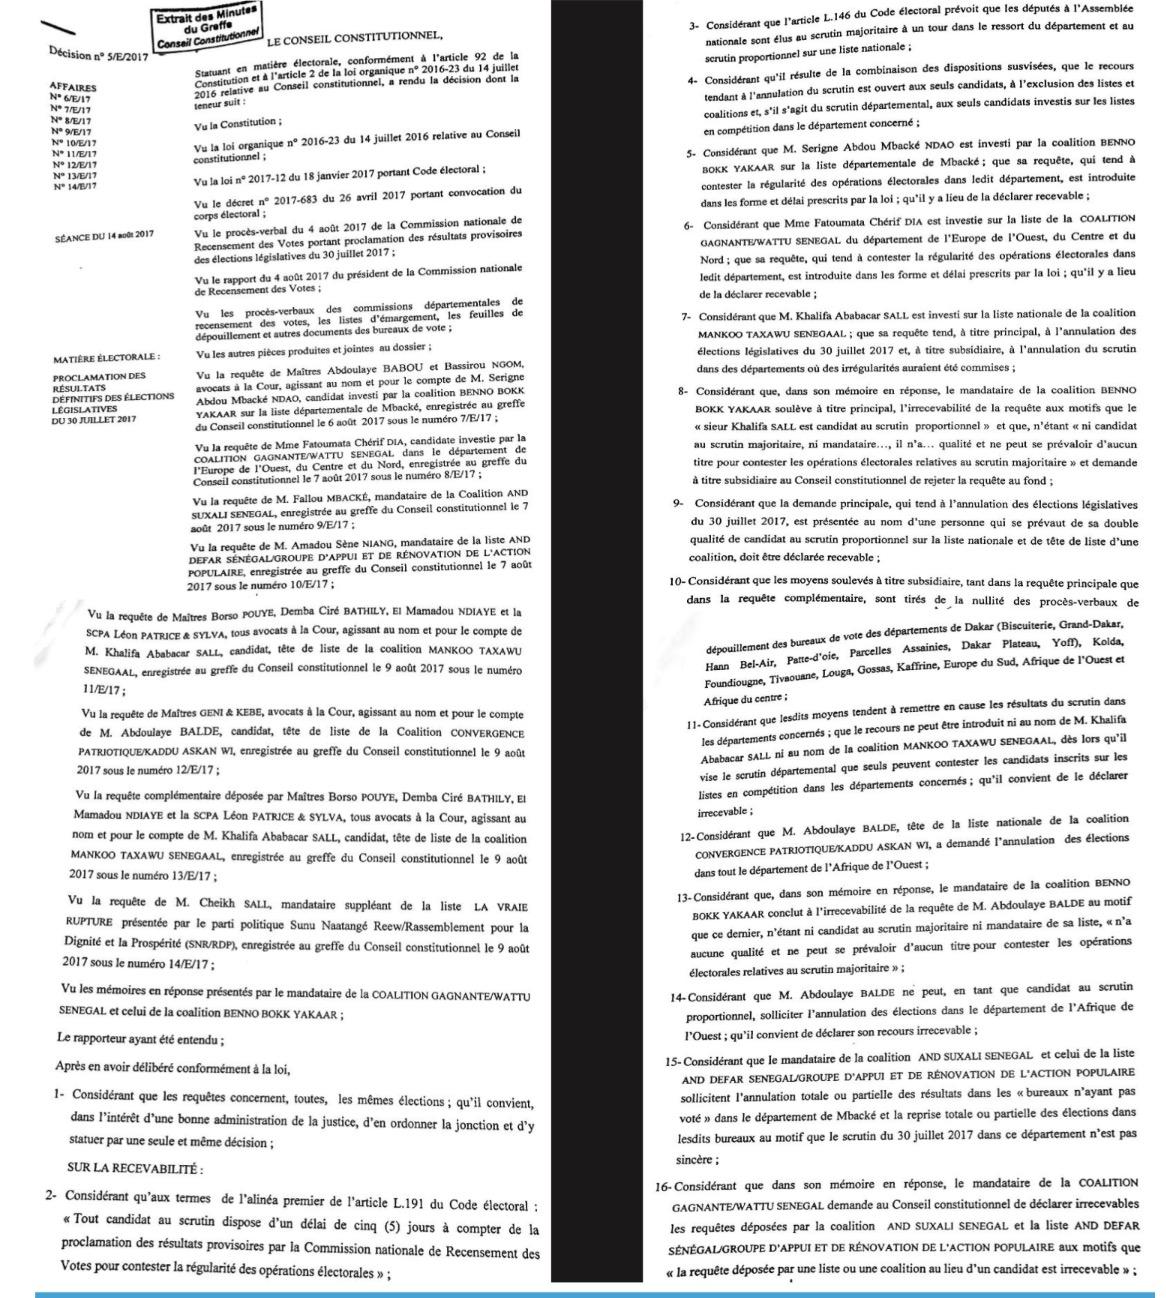 ÉLECTIONS LÉGISLATIVES : Le Conseil Constitutionnel rejette tous les recours (DOCUMENTS)